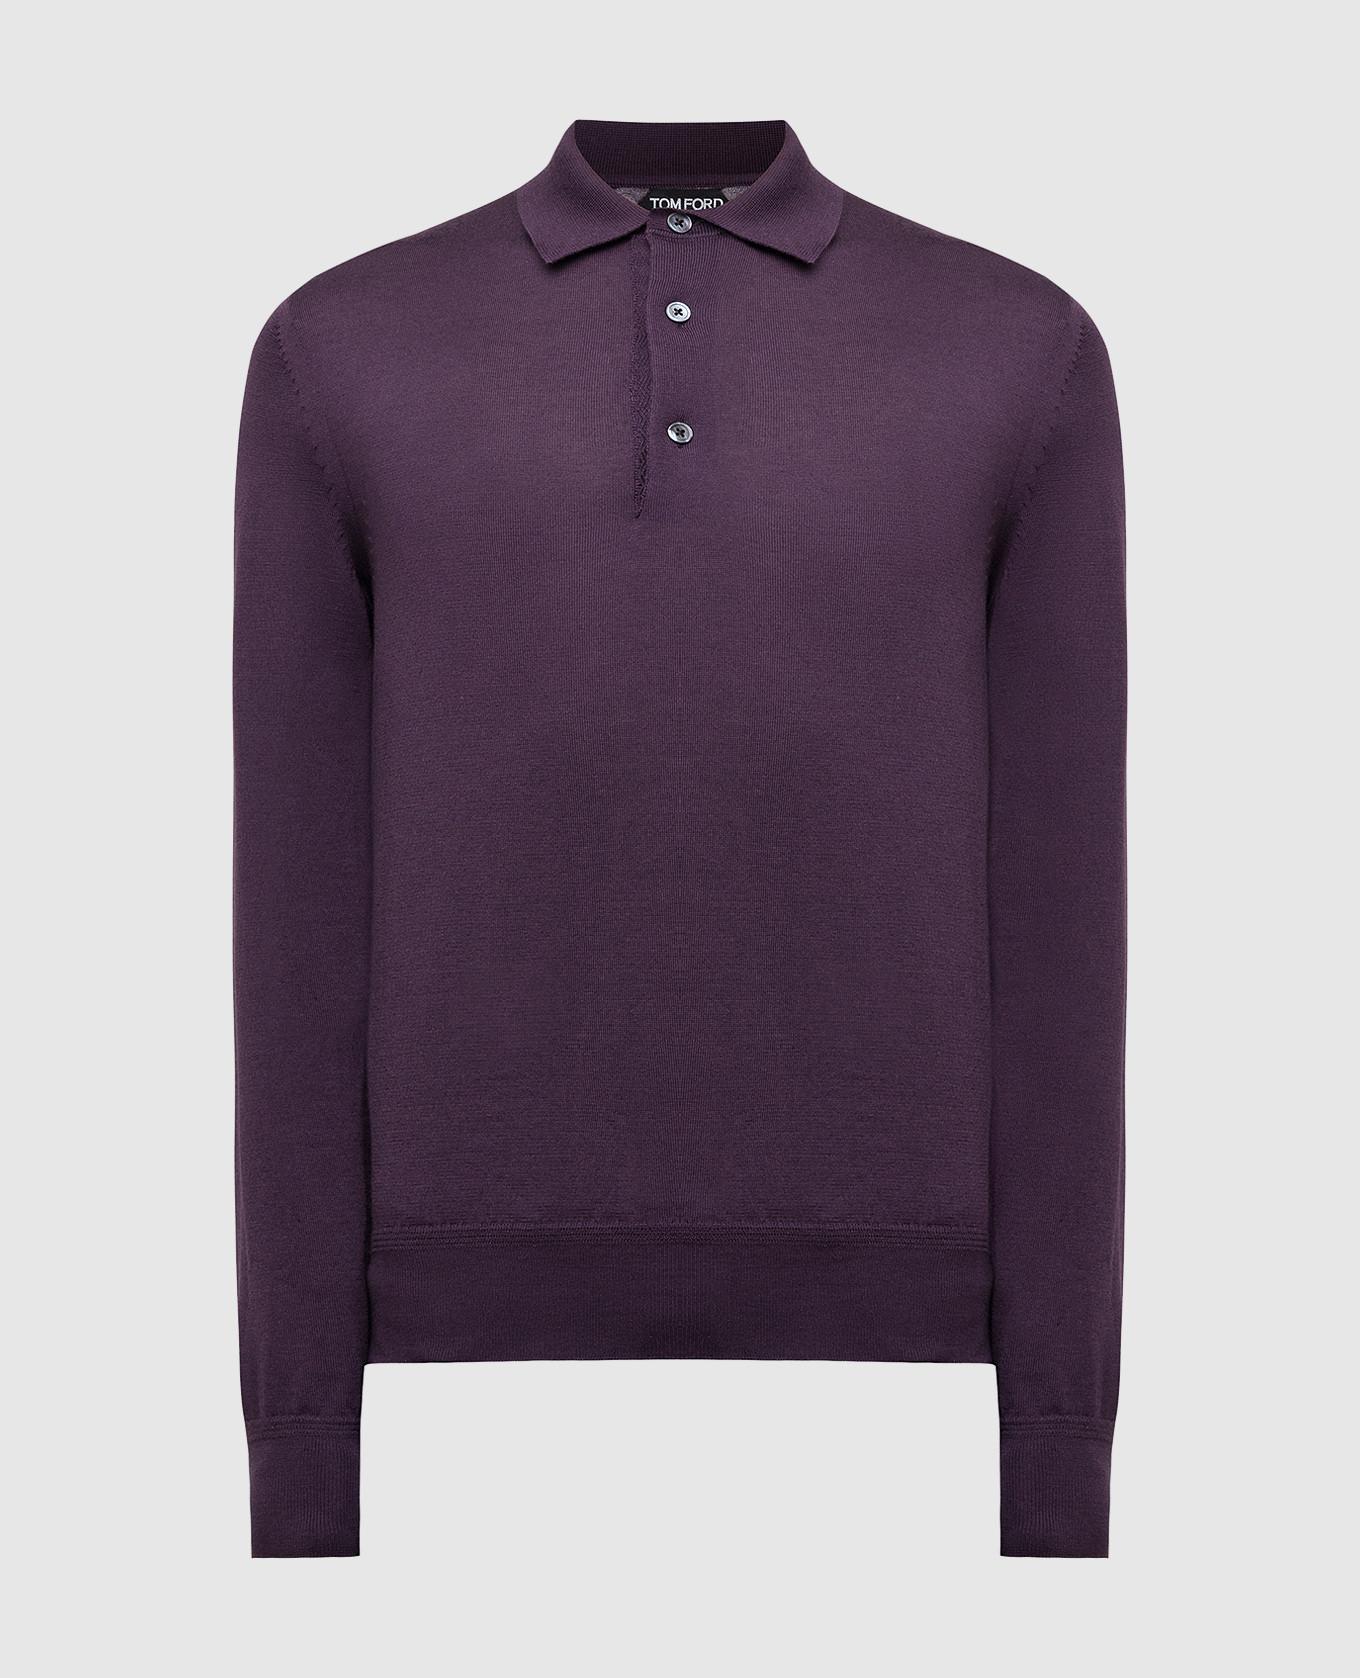 Темно-фиолетовое поло из кашемира и шелка